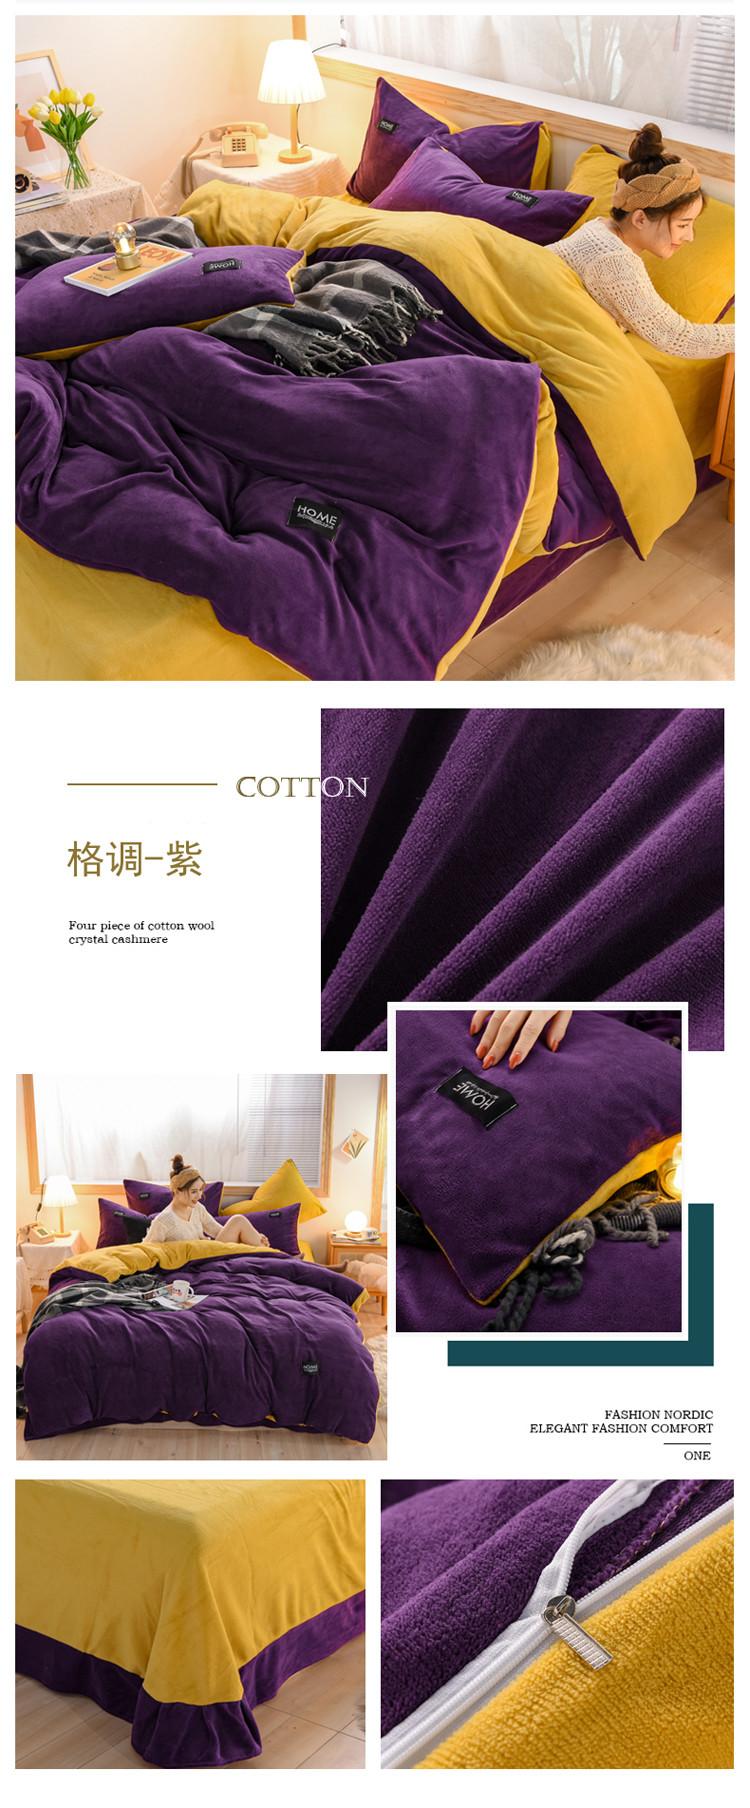 格调-紫副本.jpg